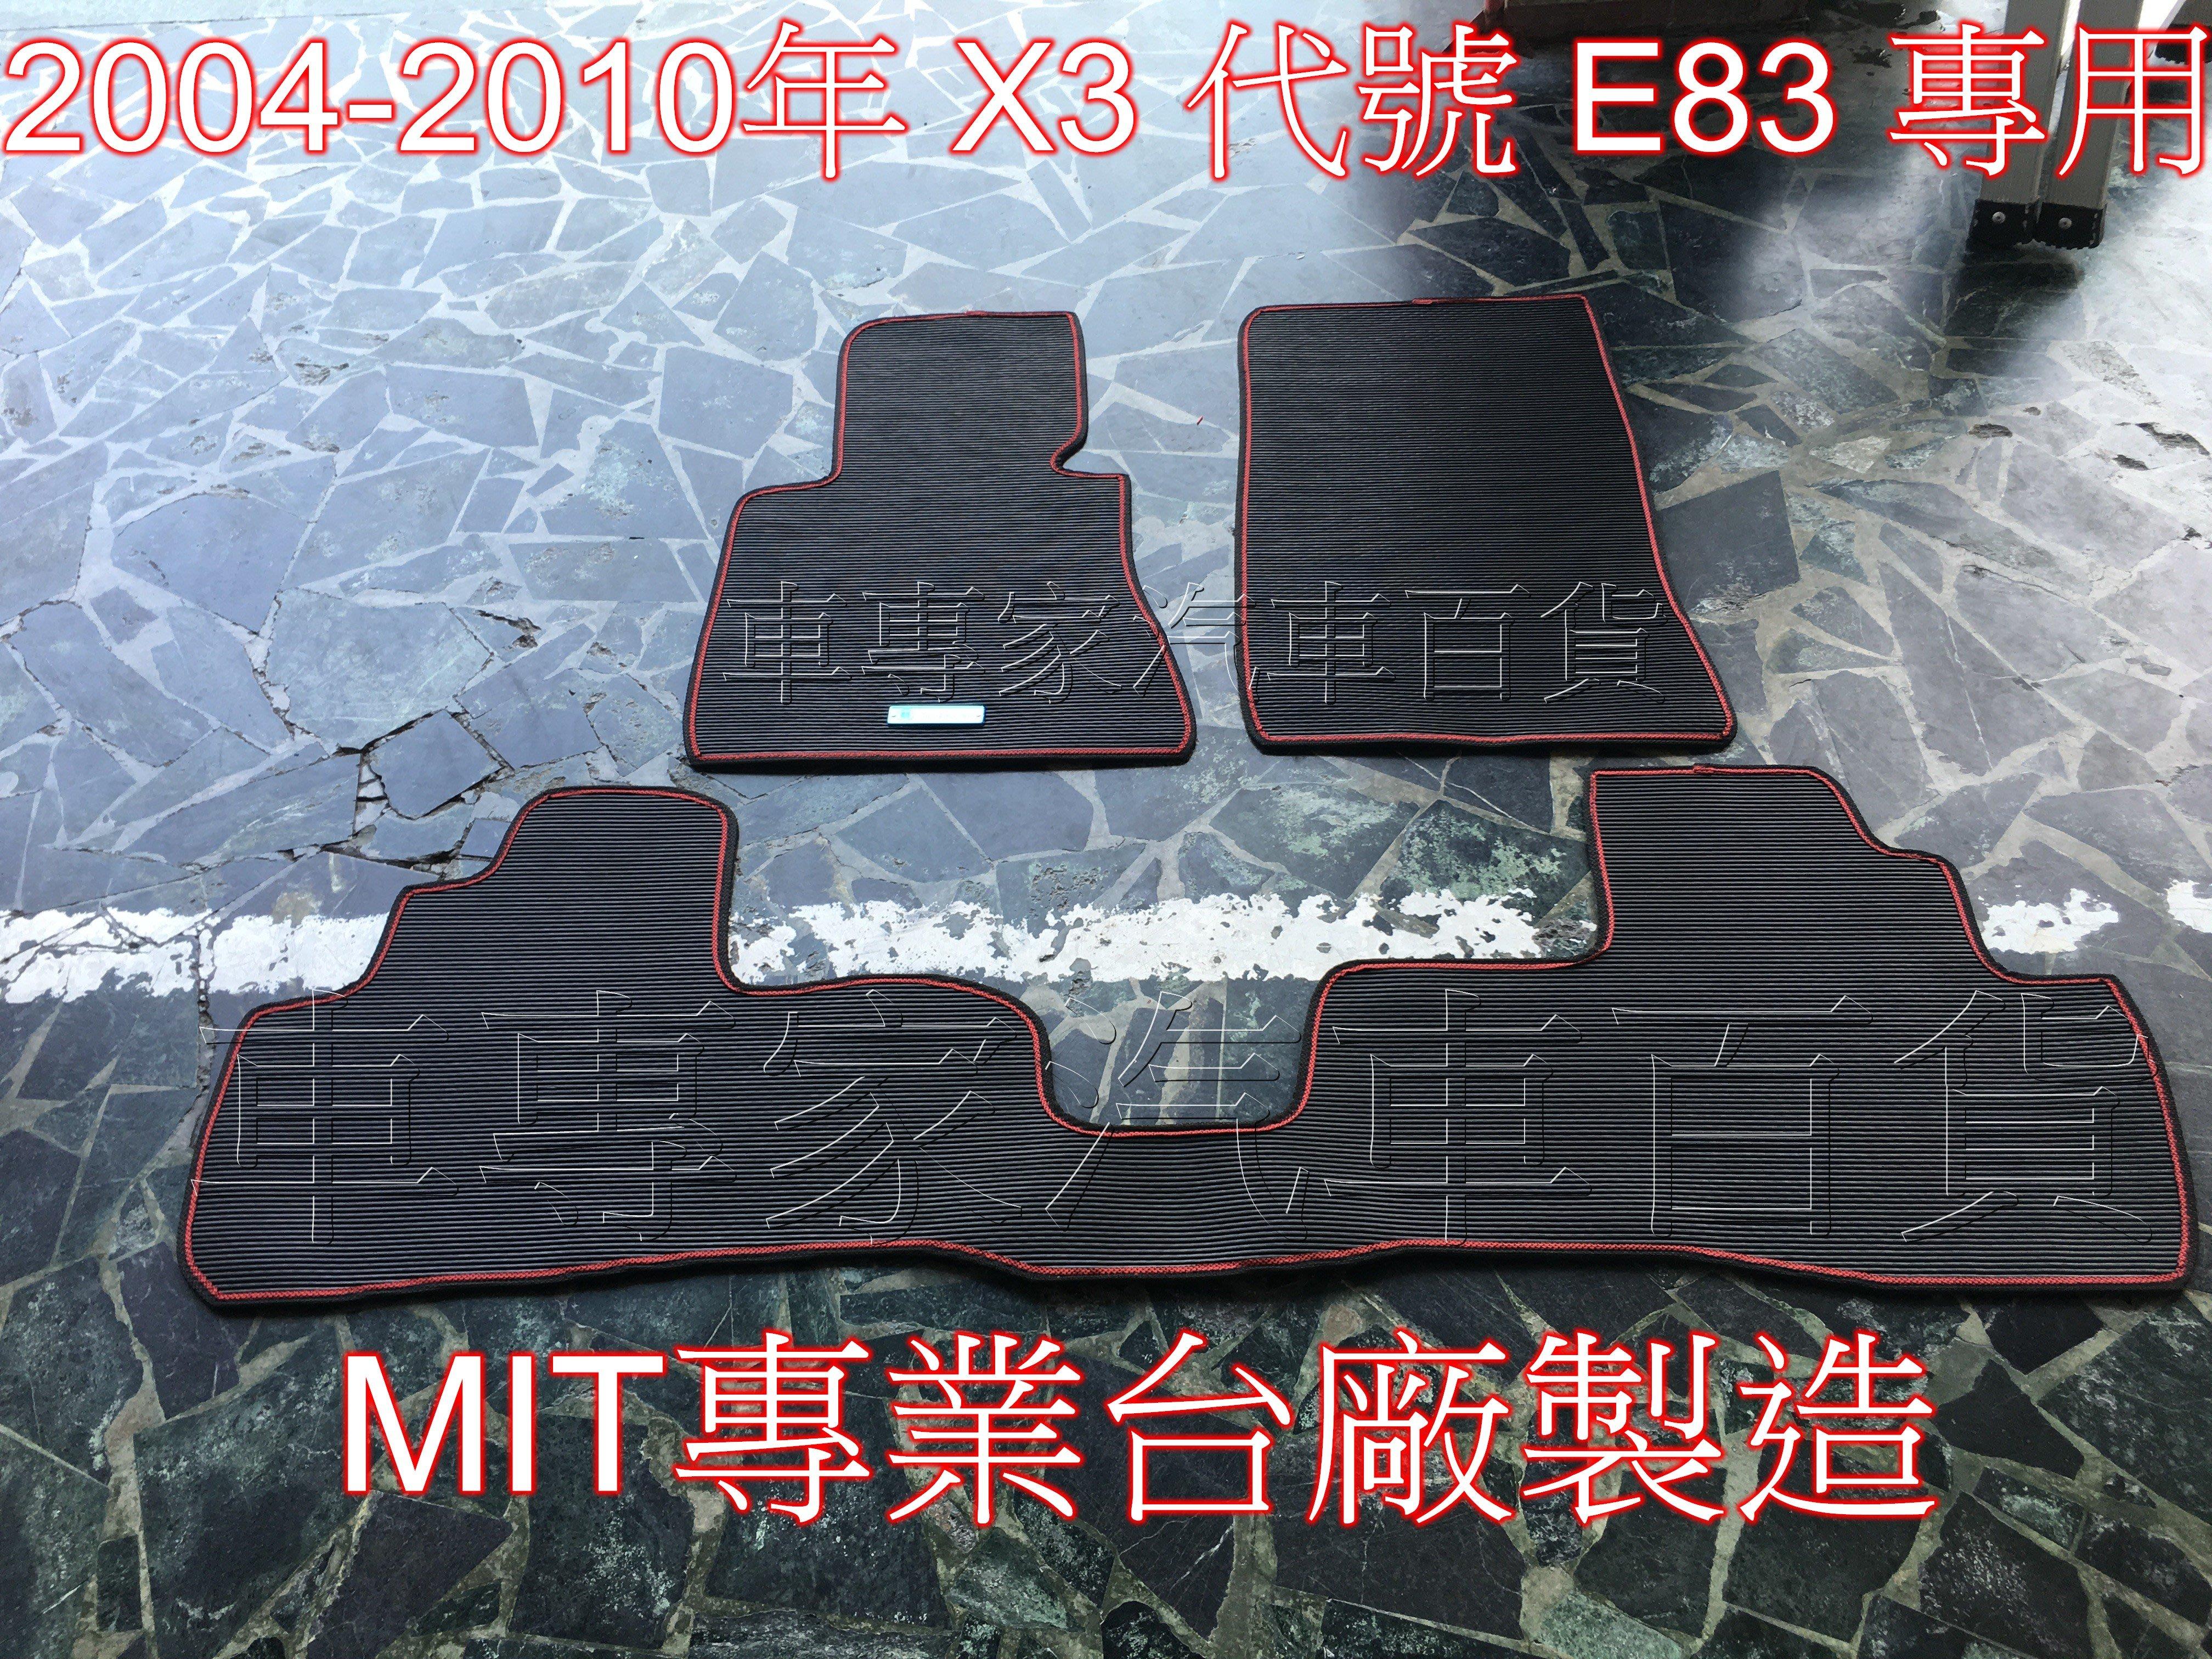 BMW寶馬-耐磨地墊 腳踏墊 防水腳踏墊 橡膠 X3 E83 SPORT M 2004-2010年專用